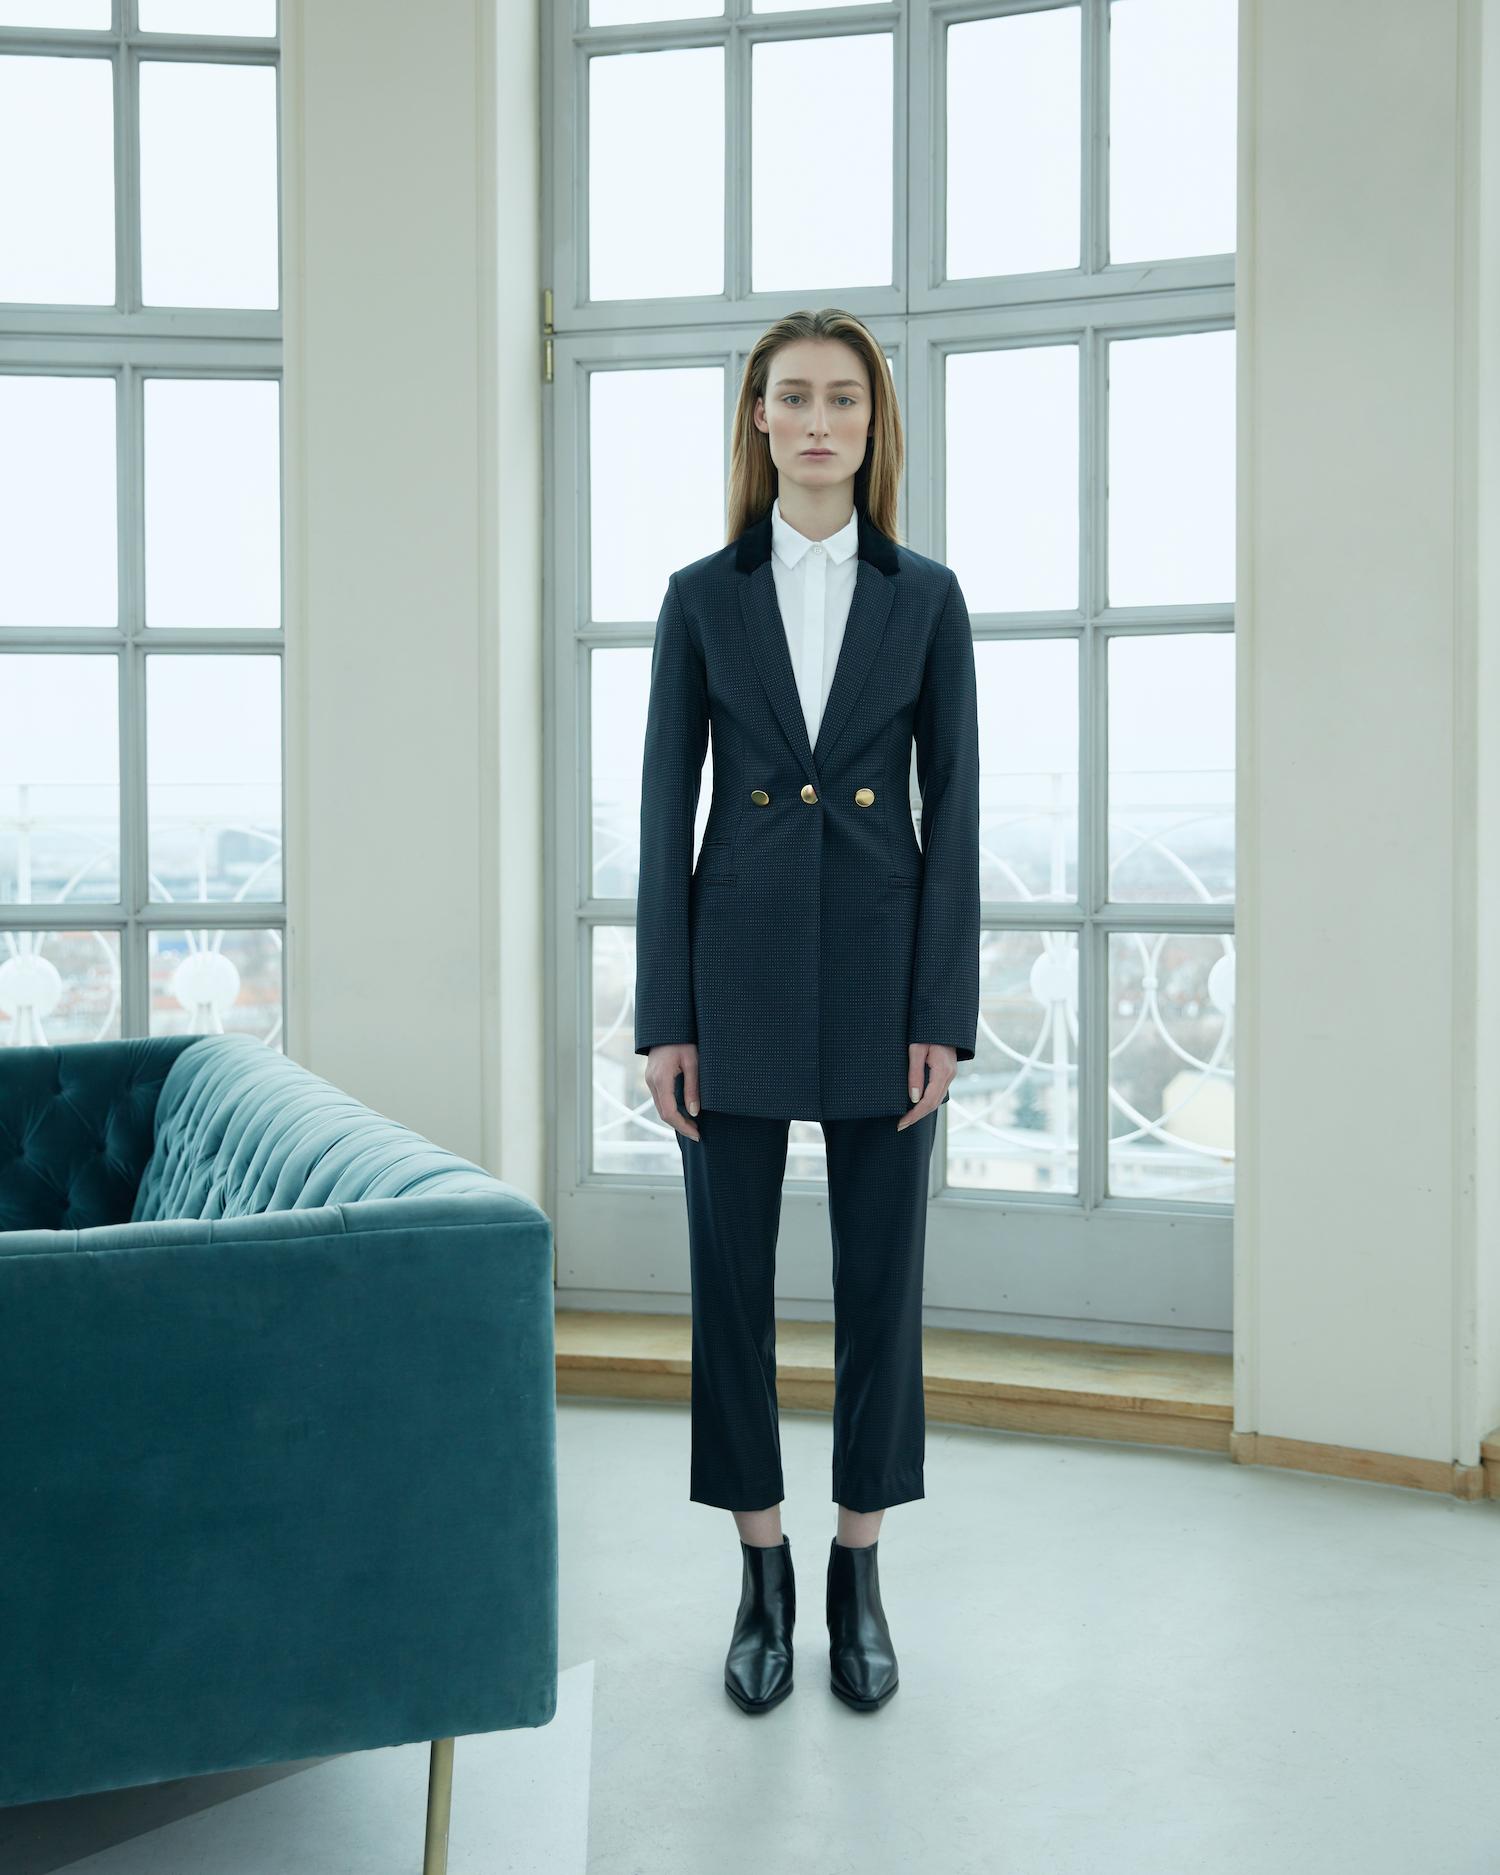 Julia Leifert Modepilot